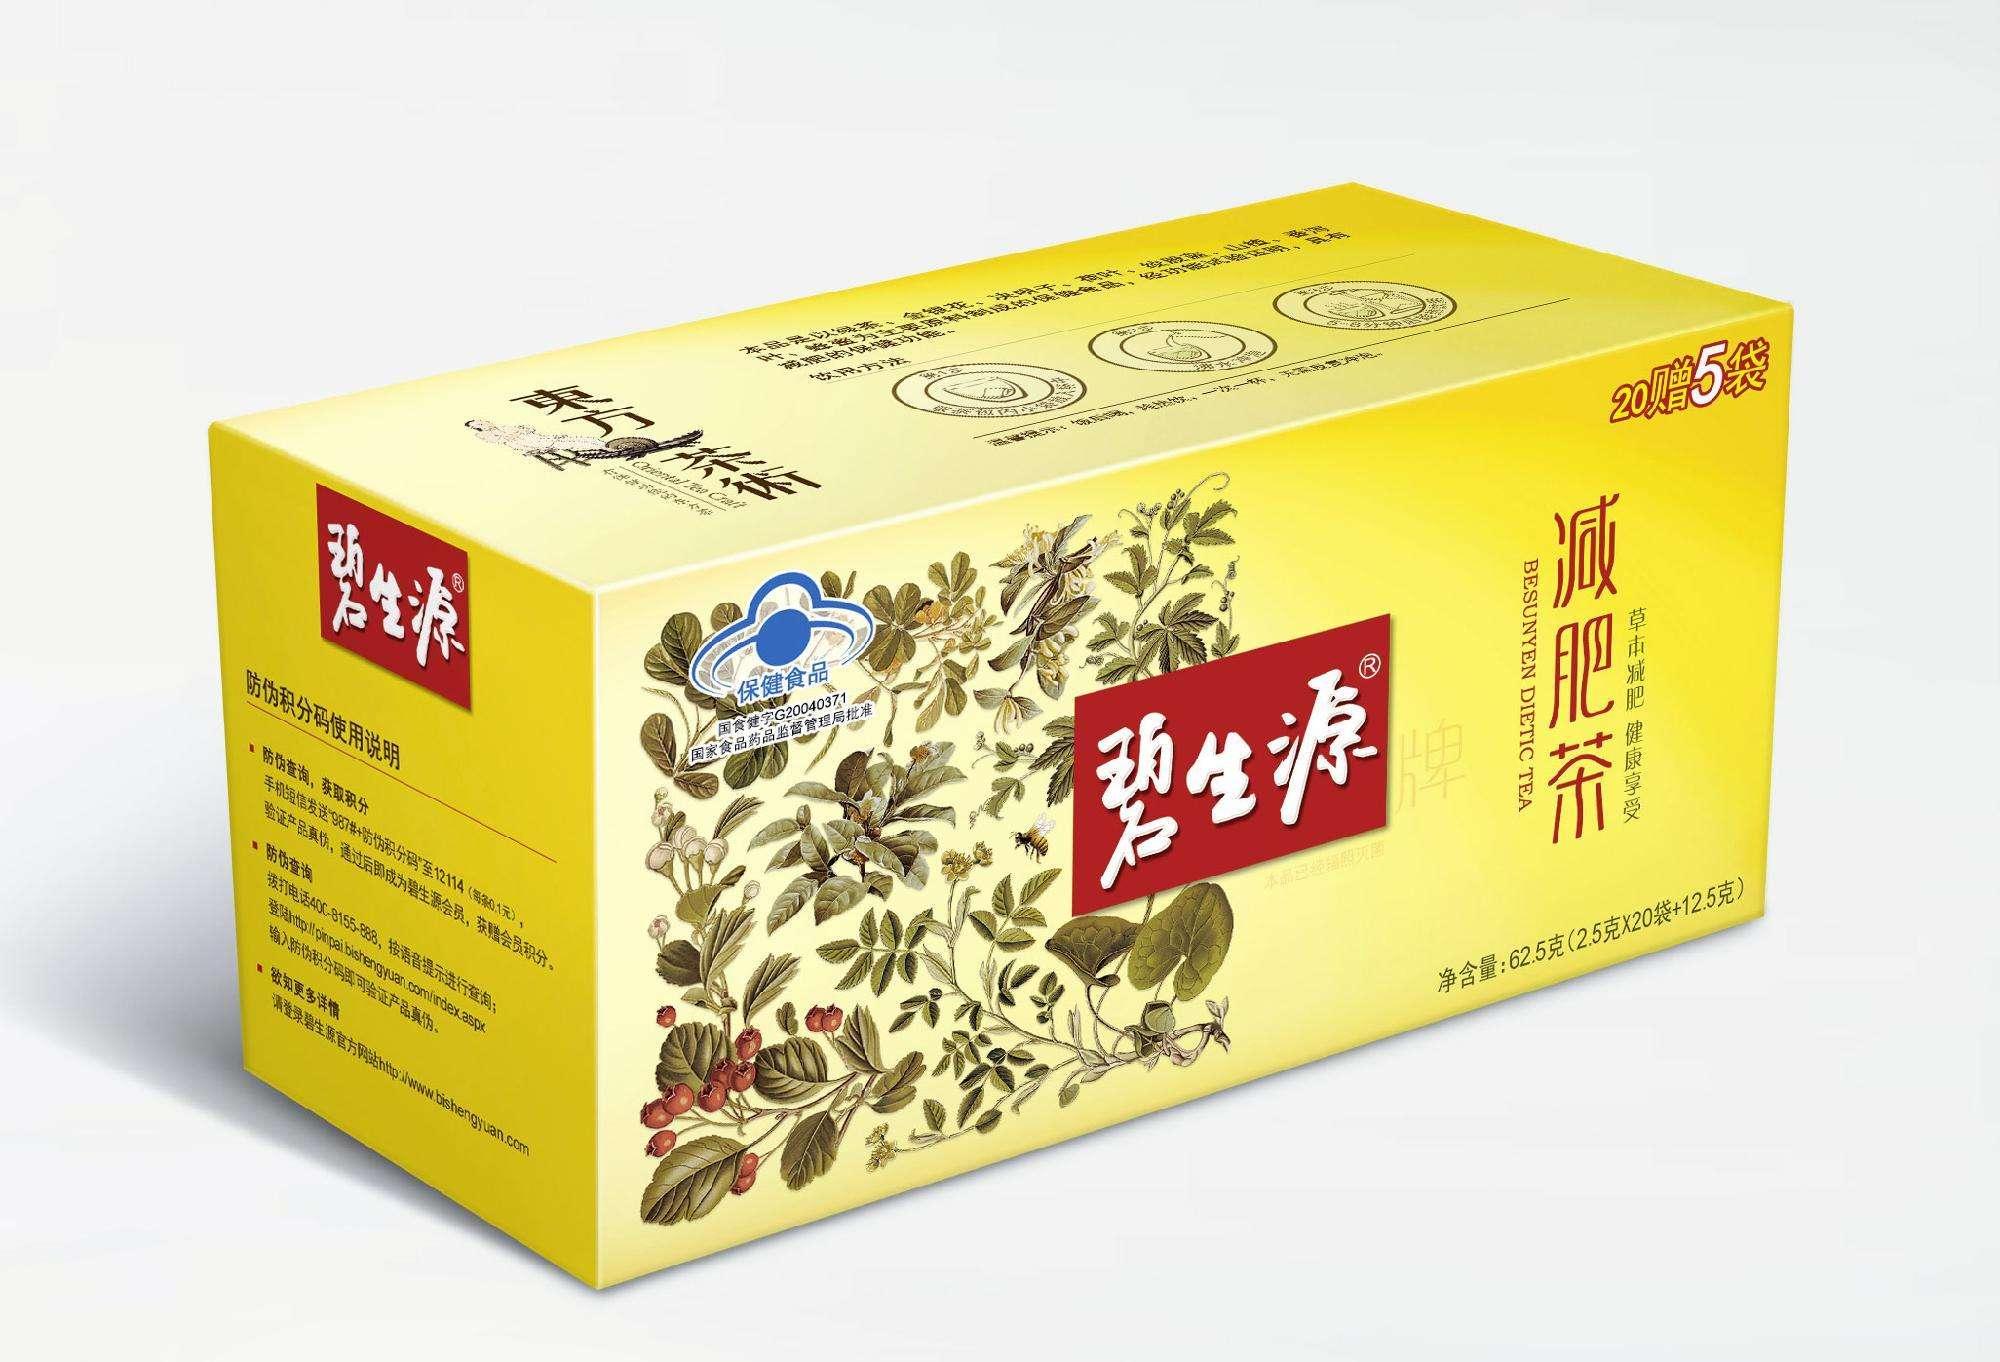 喝碧生源常润茶好吗_便秘喝碧生源常润茶真的有效吗?_百度知道